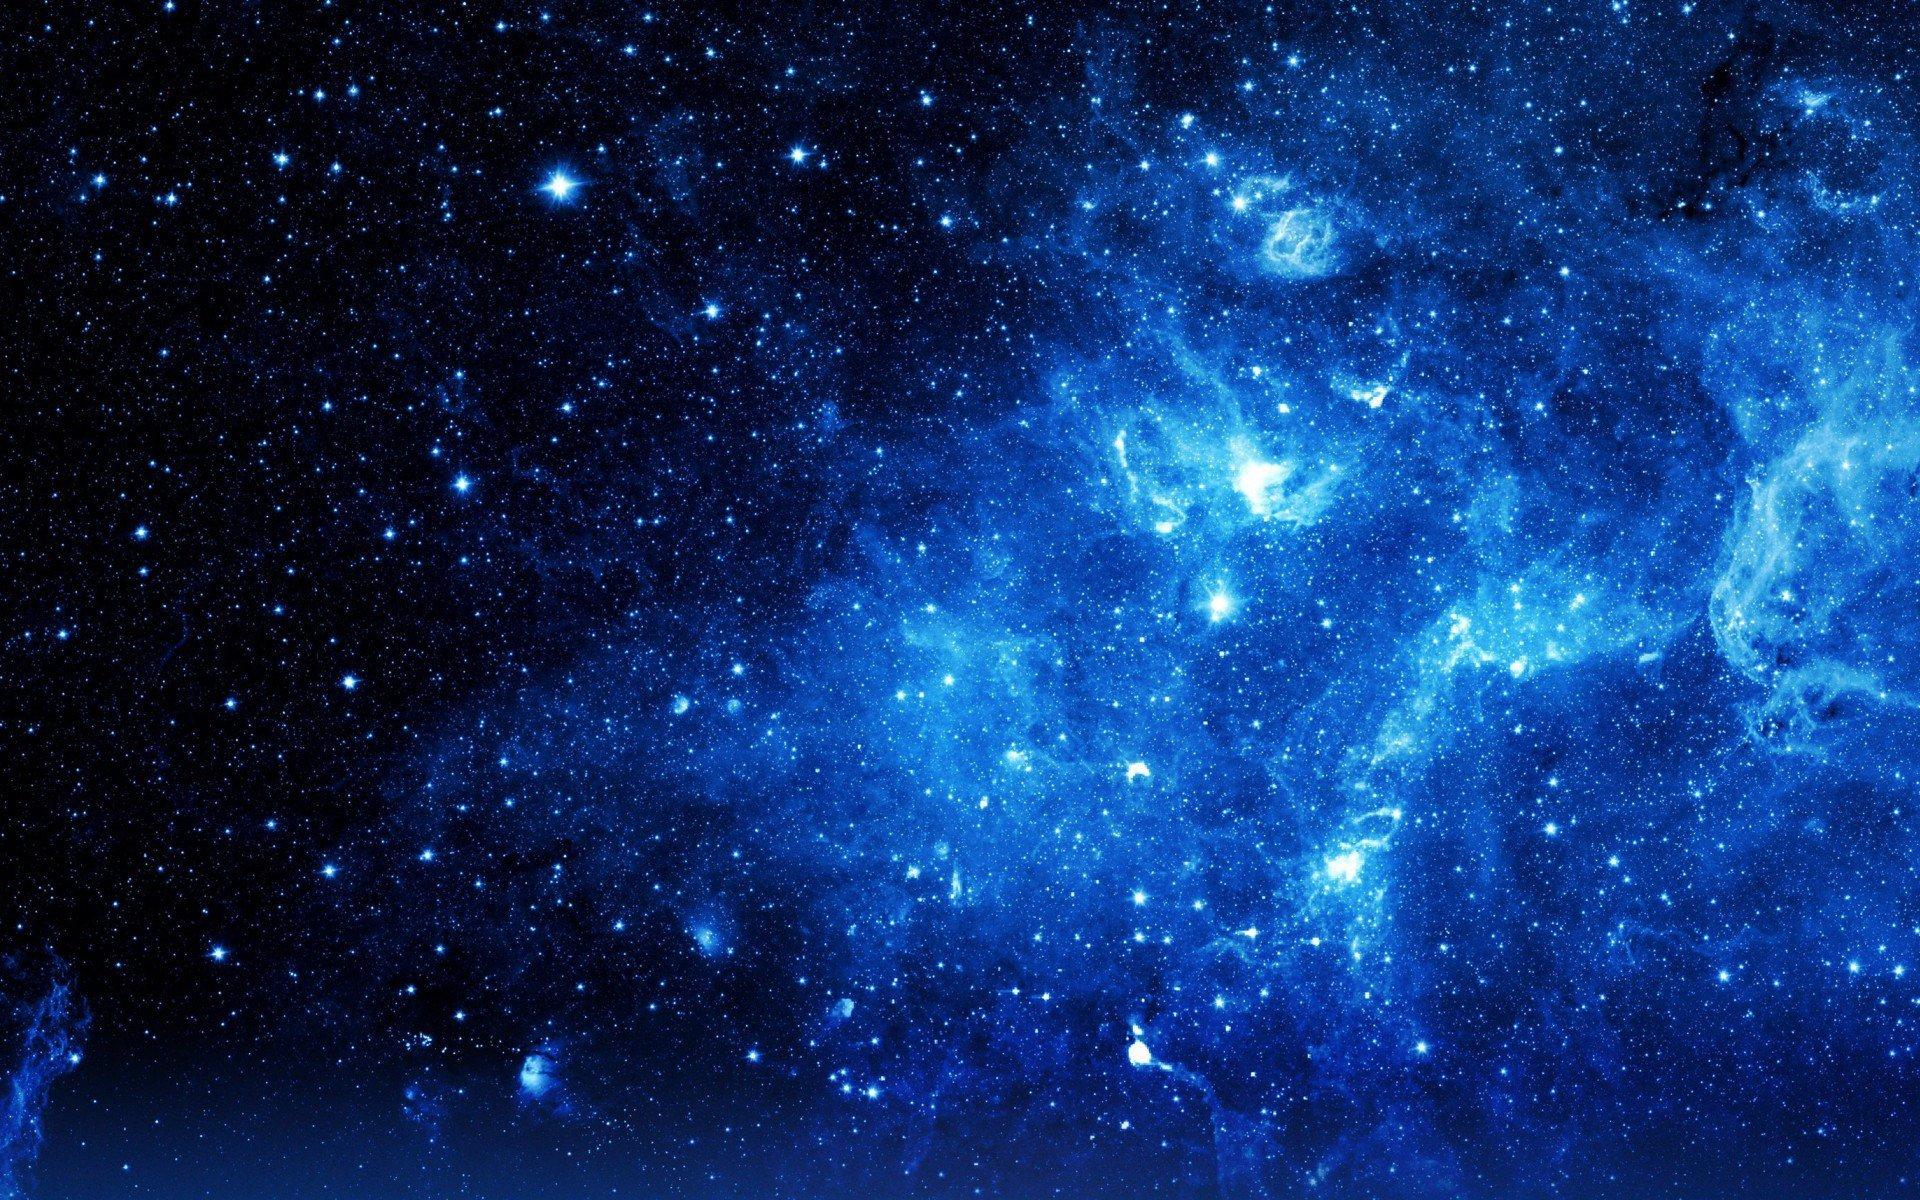 1524501641_1411885227_kosmos-vselennaya-tumannost-4886